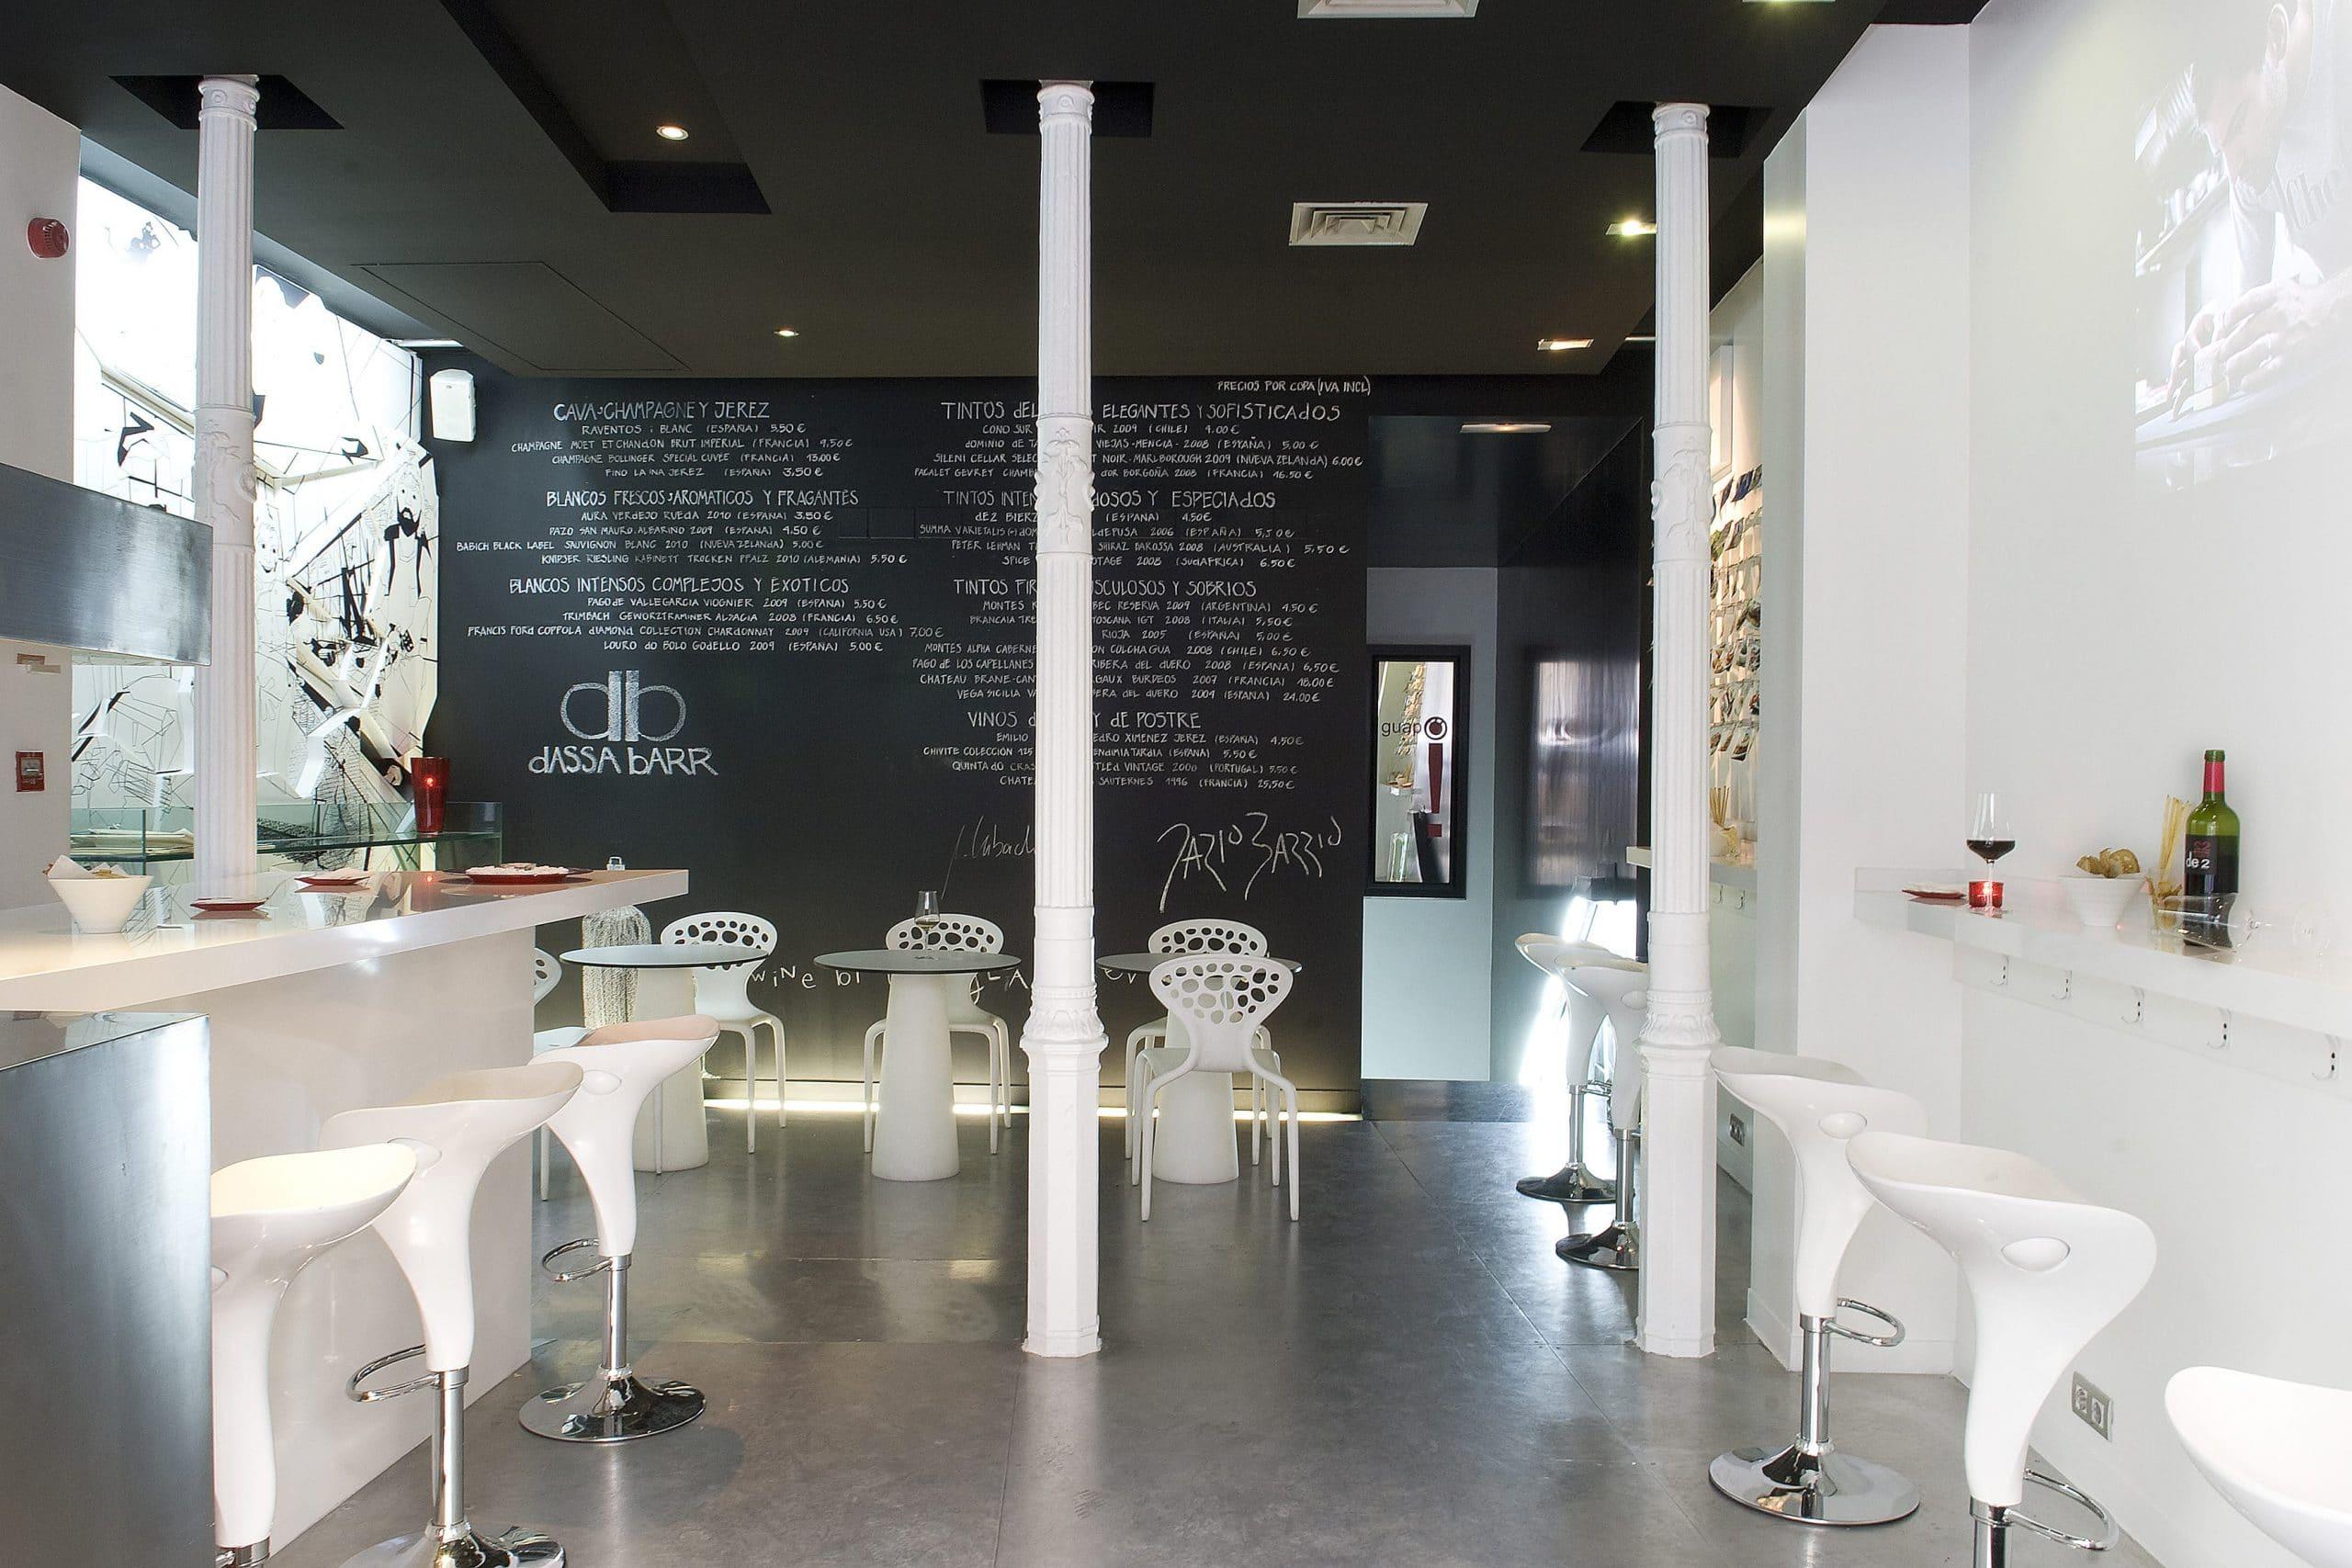 5 restaurantes en madrid que no te puedes perder - Decoracion de bares de tapas ...